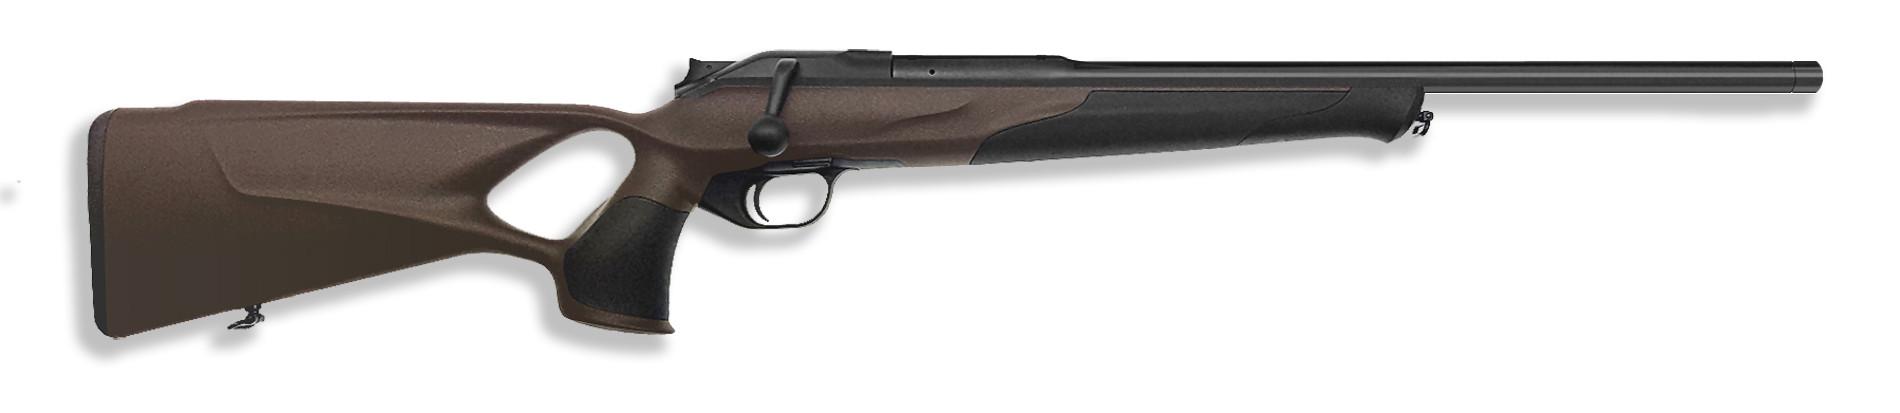 Blaser R8 Professional Success 9,3×62 LL 52 cm mit Mündungsgewinde Waffenstube Thalkirchen München Bayern Deutschland